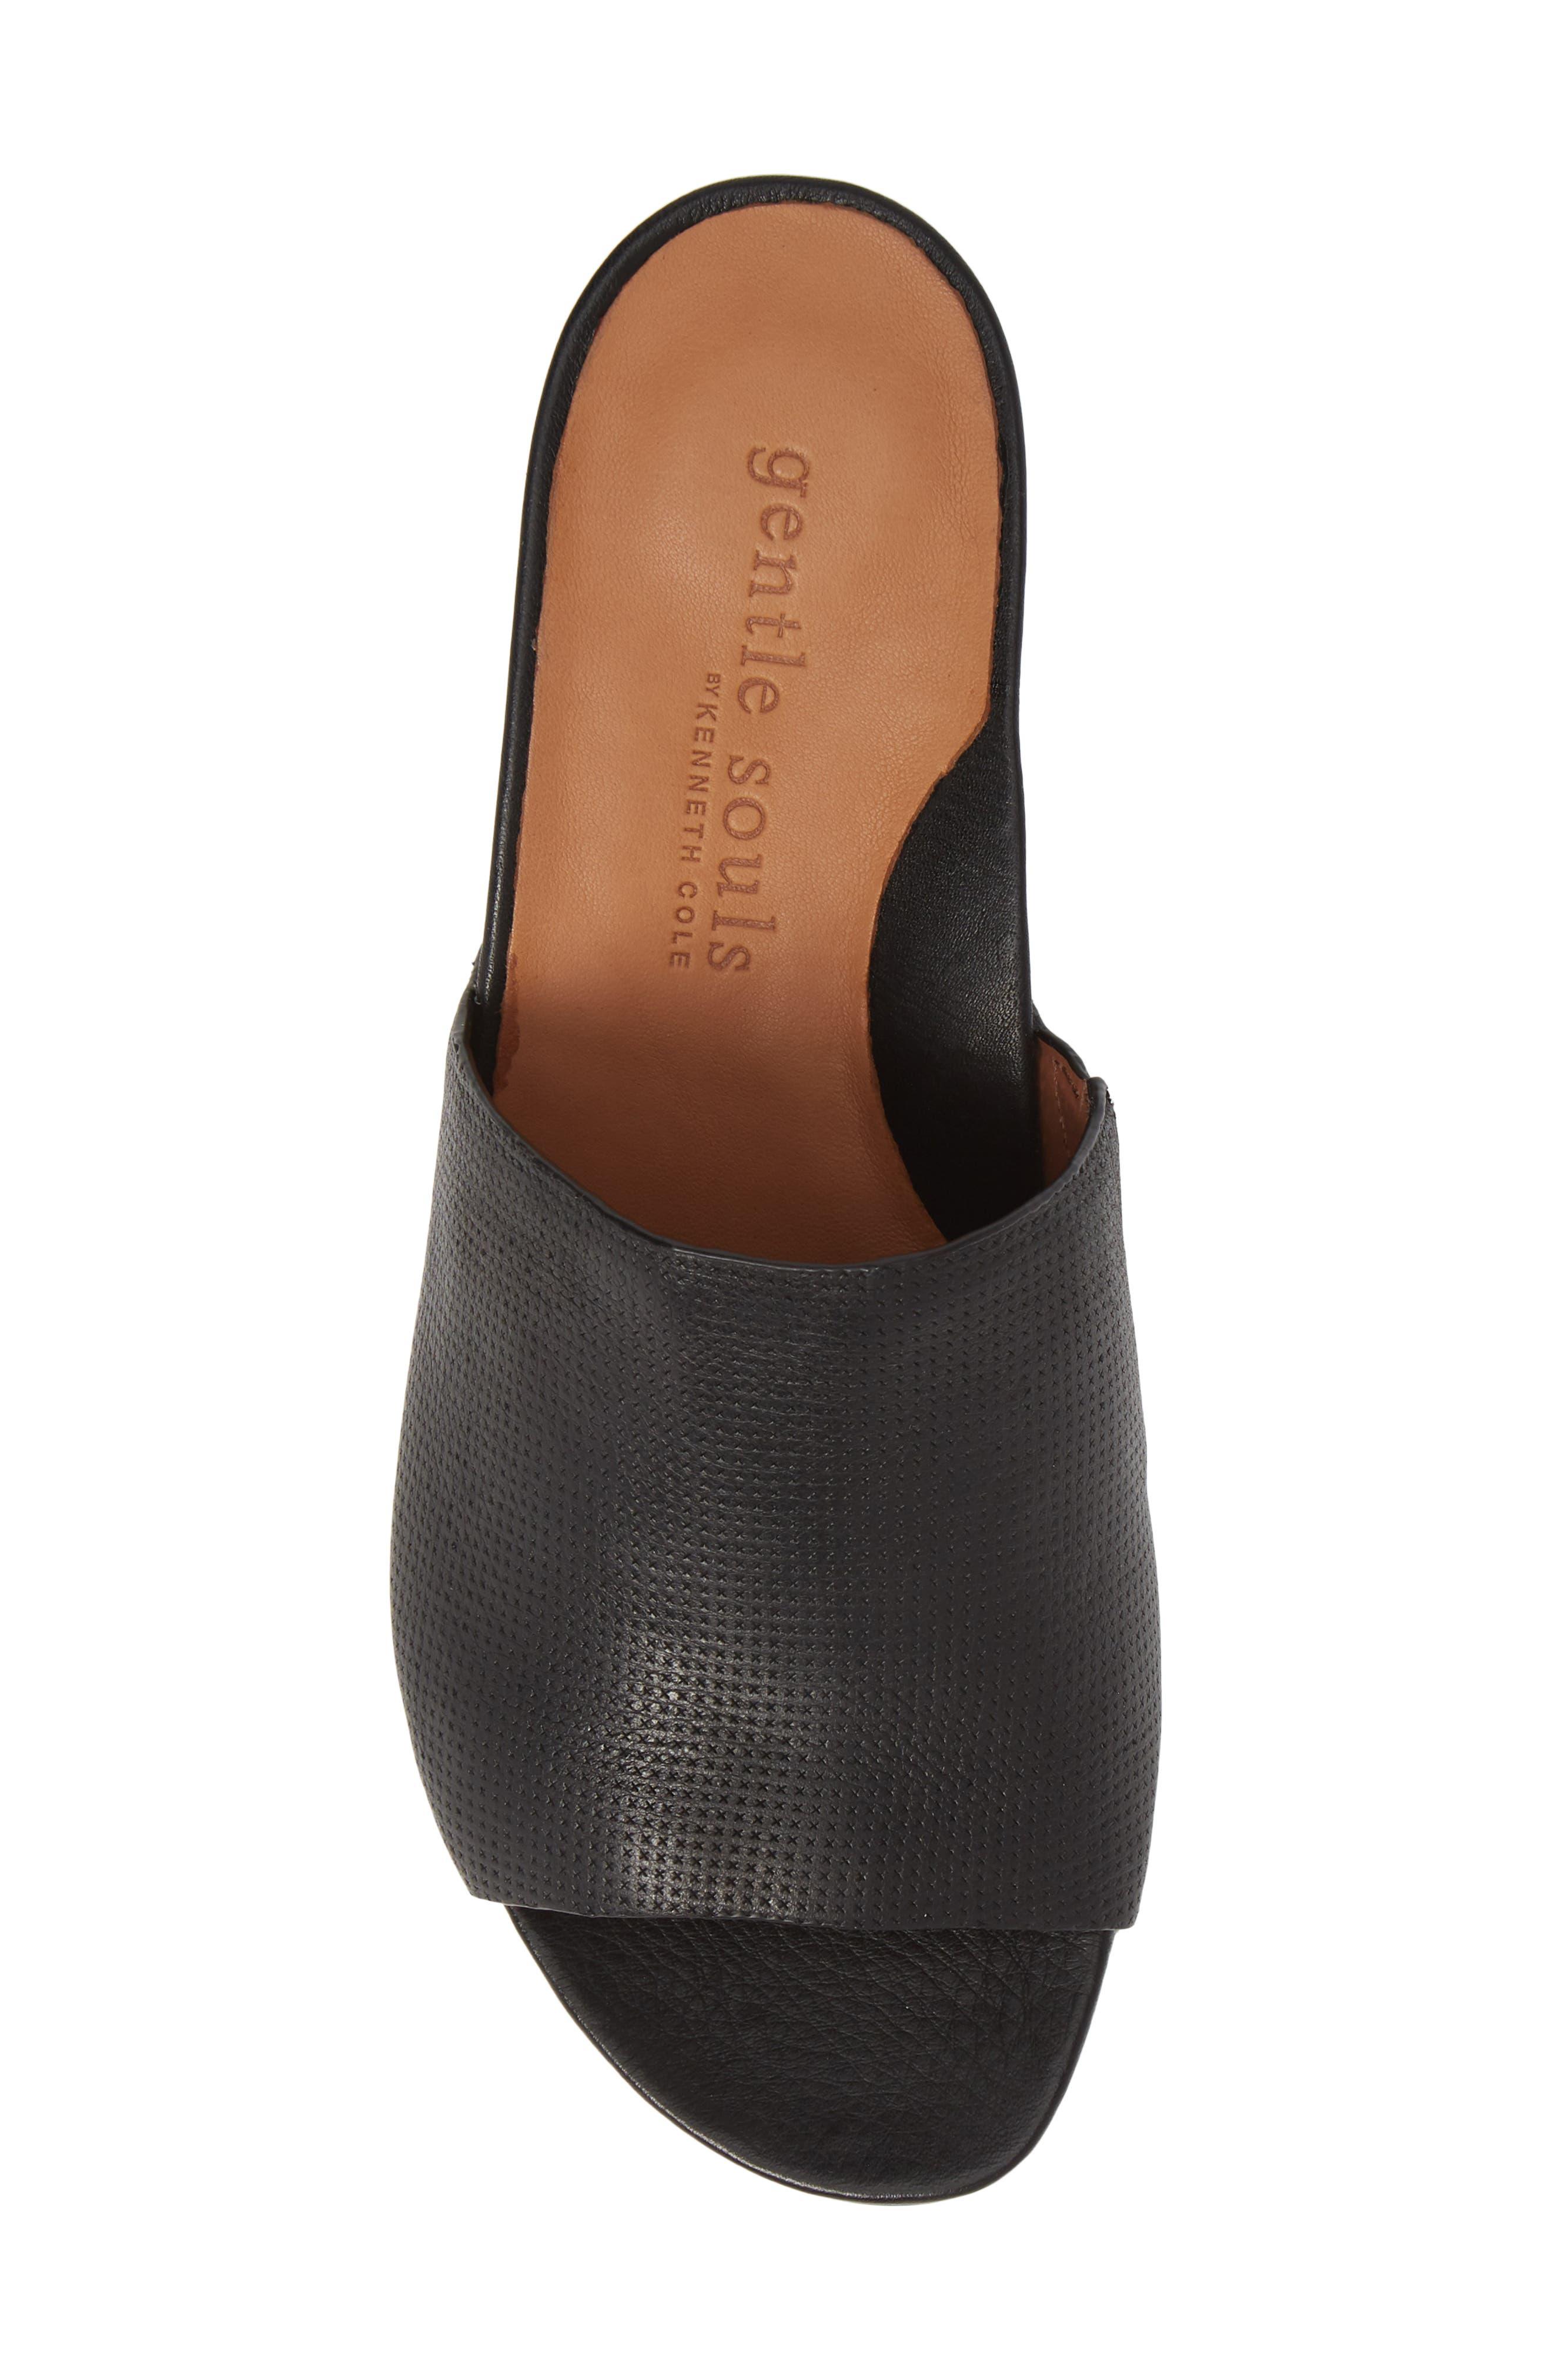 Gisele Wedge Slide Sandal,                             Alternate thumbnail 5, color,                             BLACK LEATHER